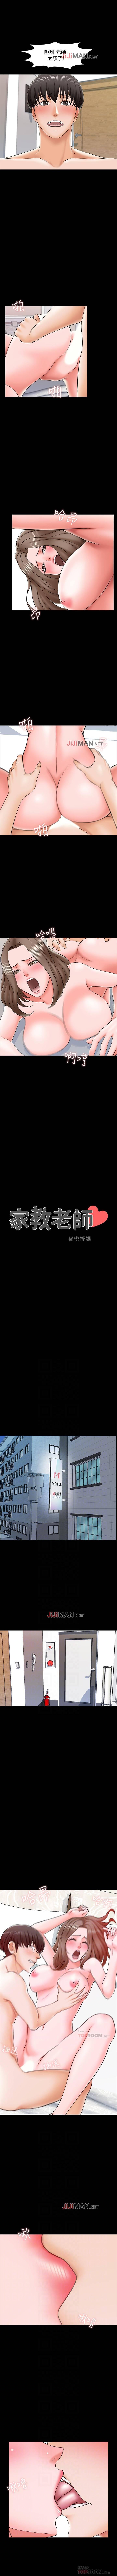 【周一连载】家教老师(作者: CreamMedia) 第1~43话 141